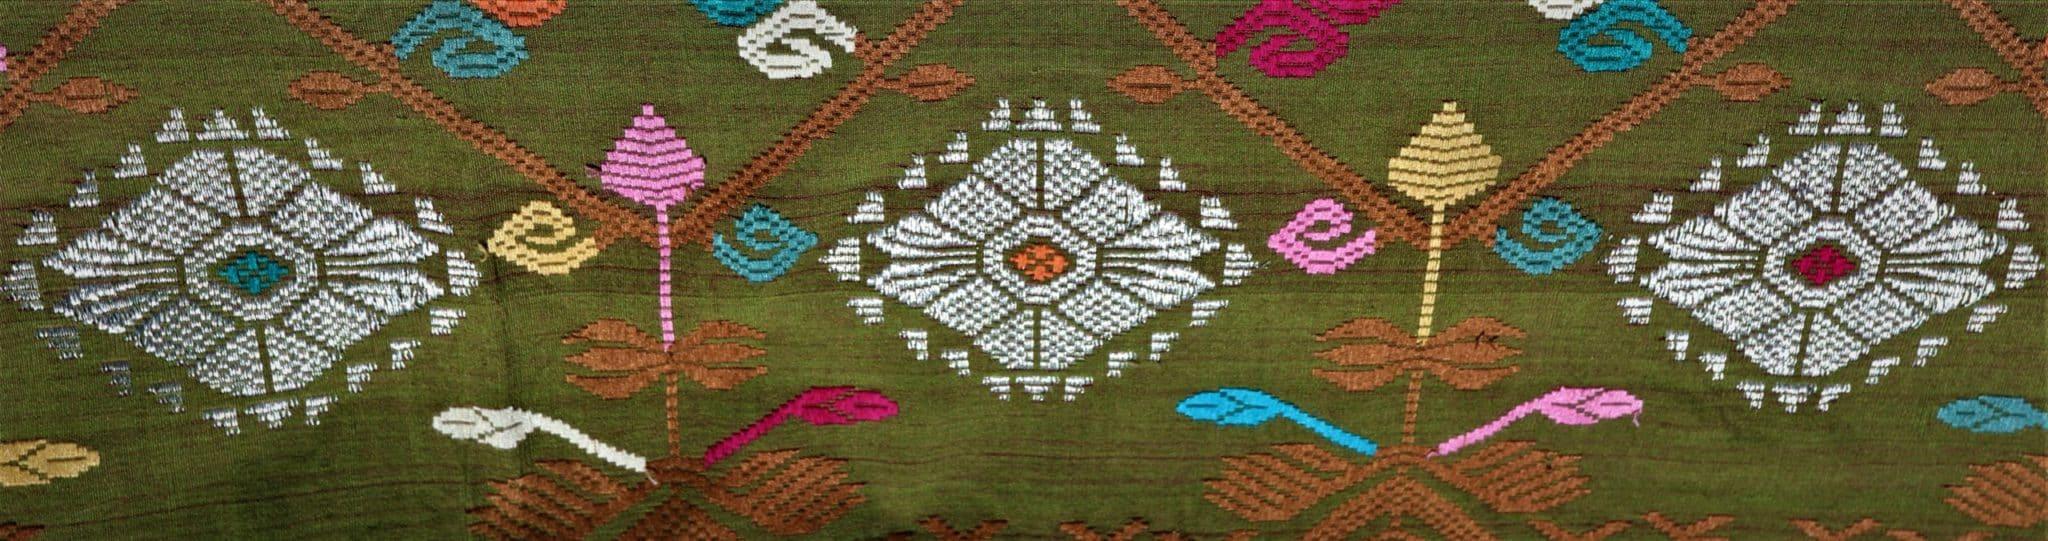 Songket Brocart Textil Bali MES INDES GALANTES